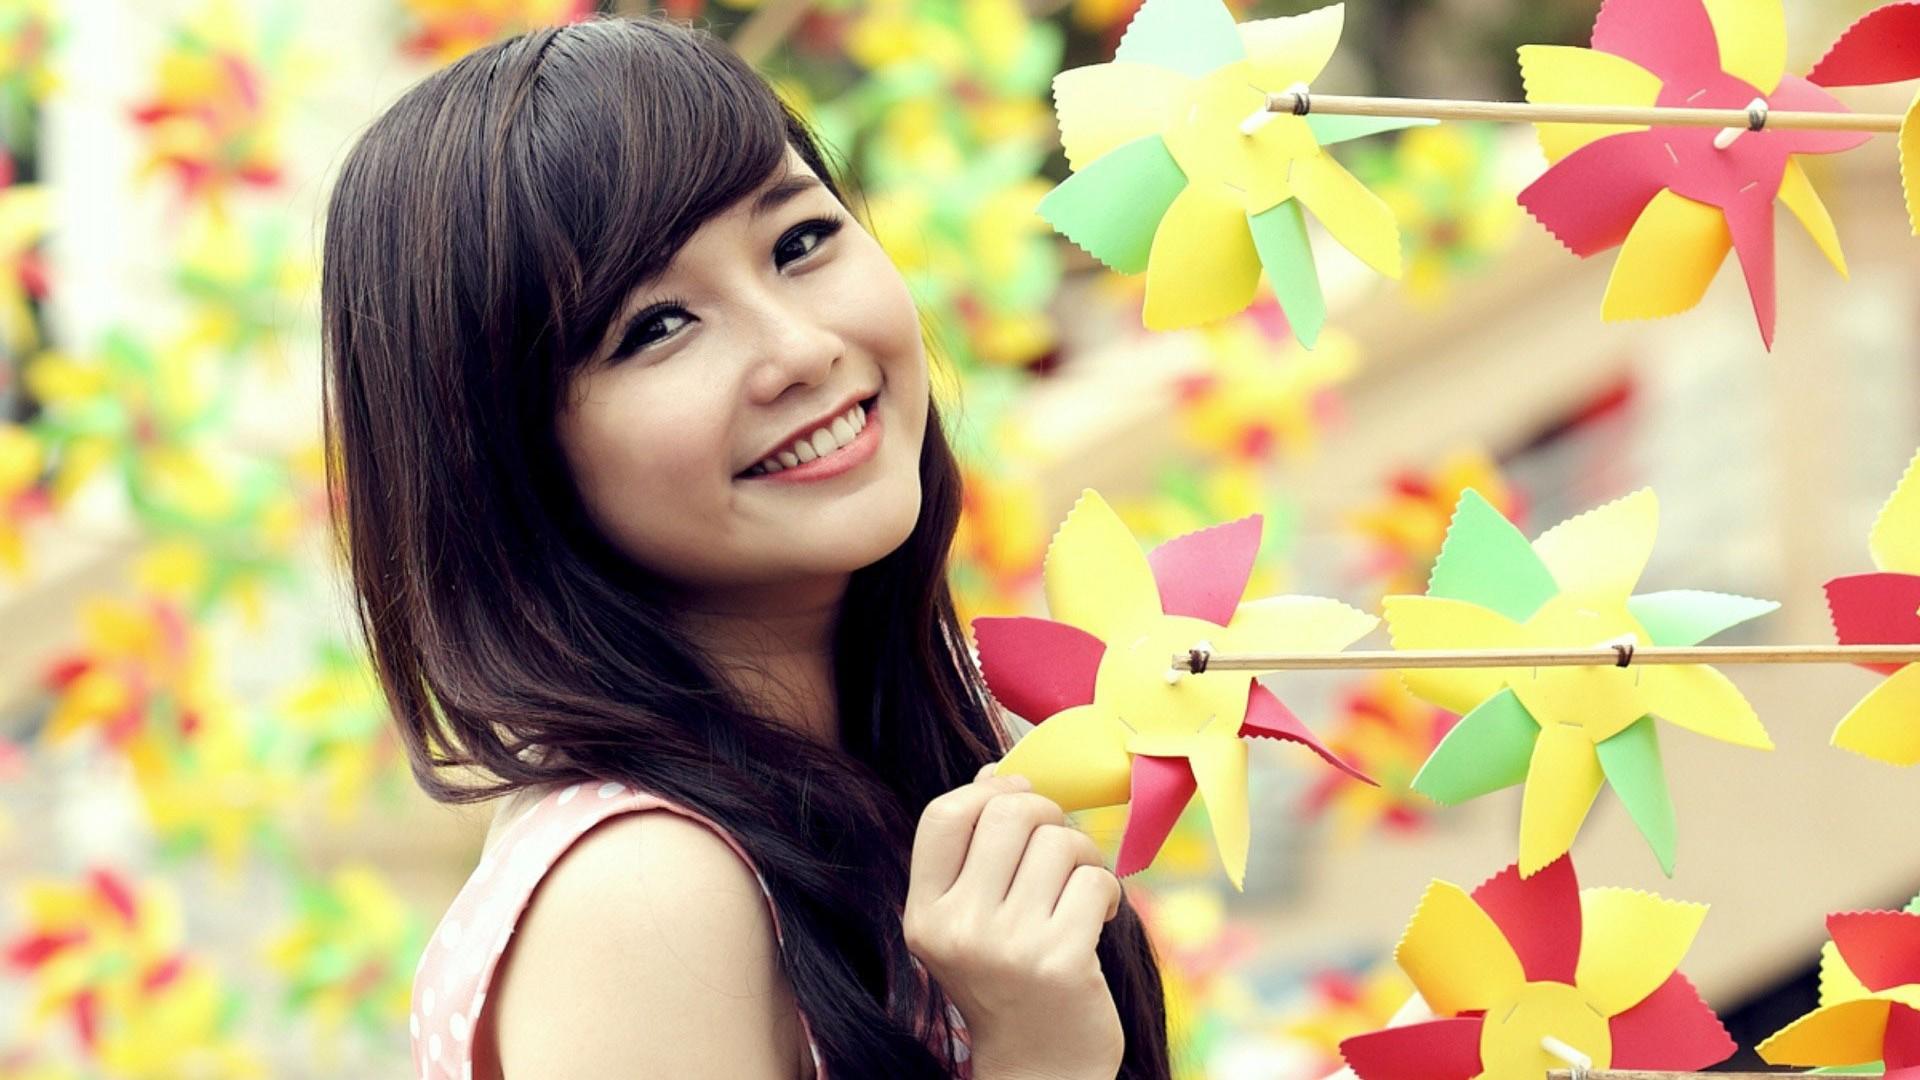 anh-girl-xinh-cuc-de-thuong-lam-hinh-nen-17